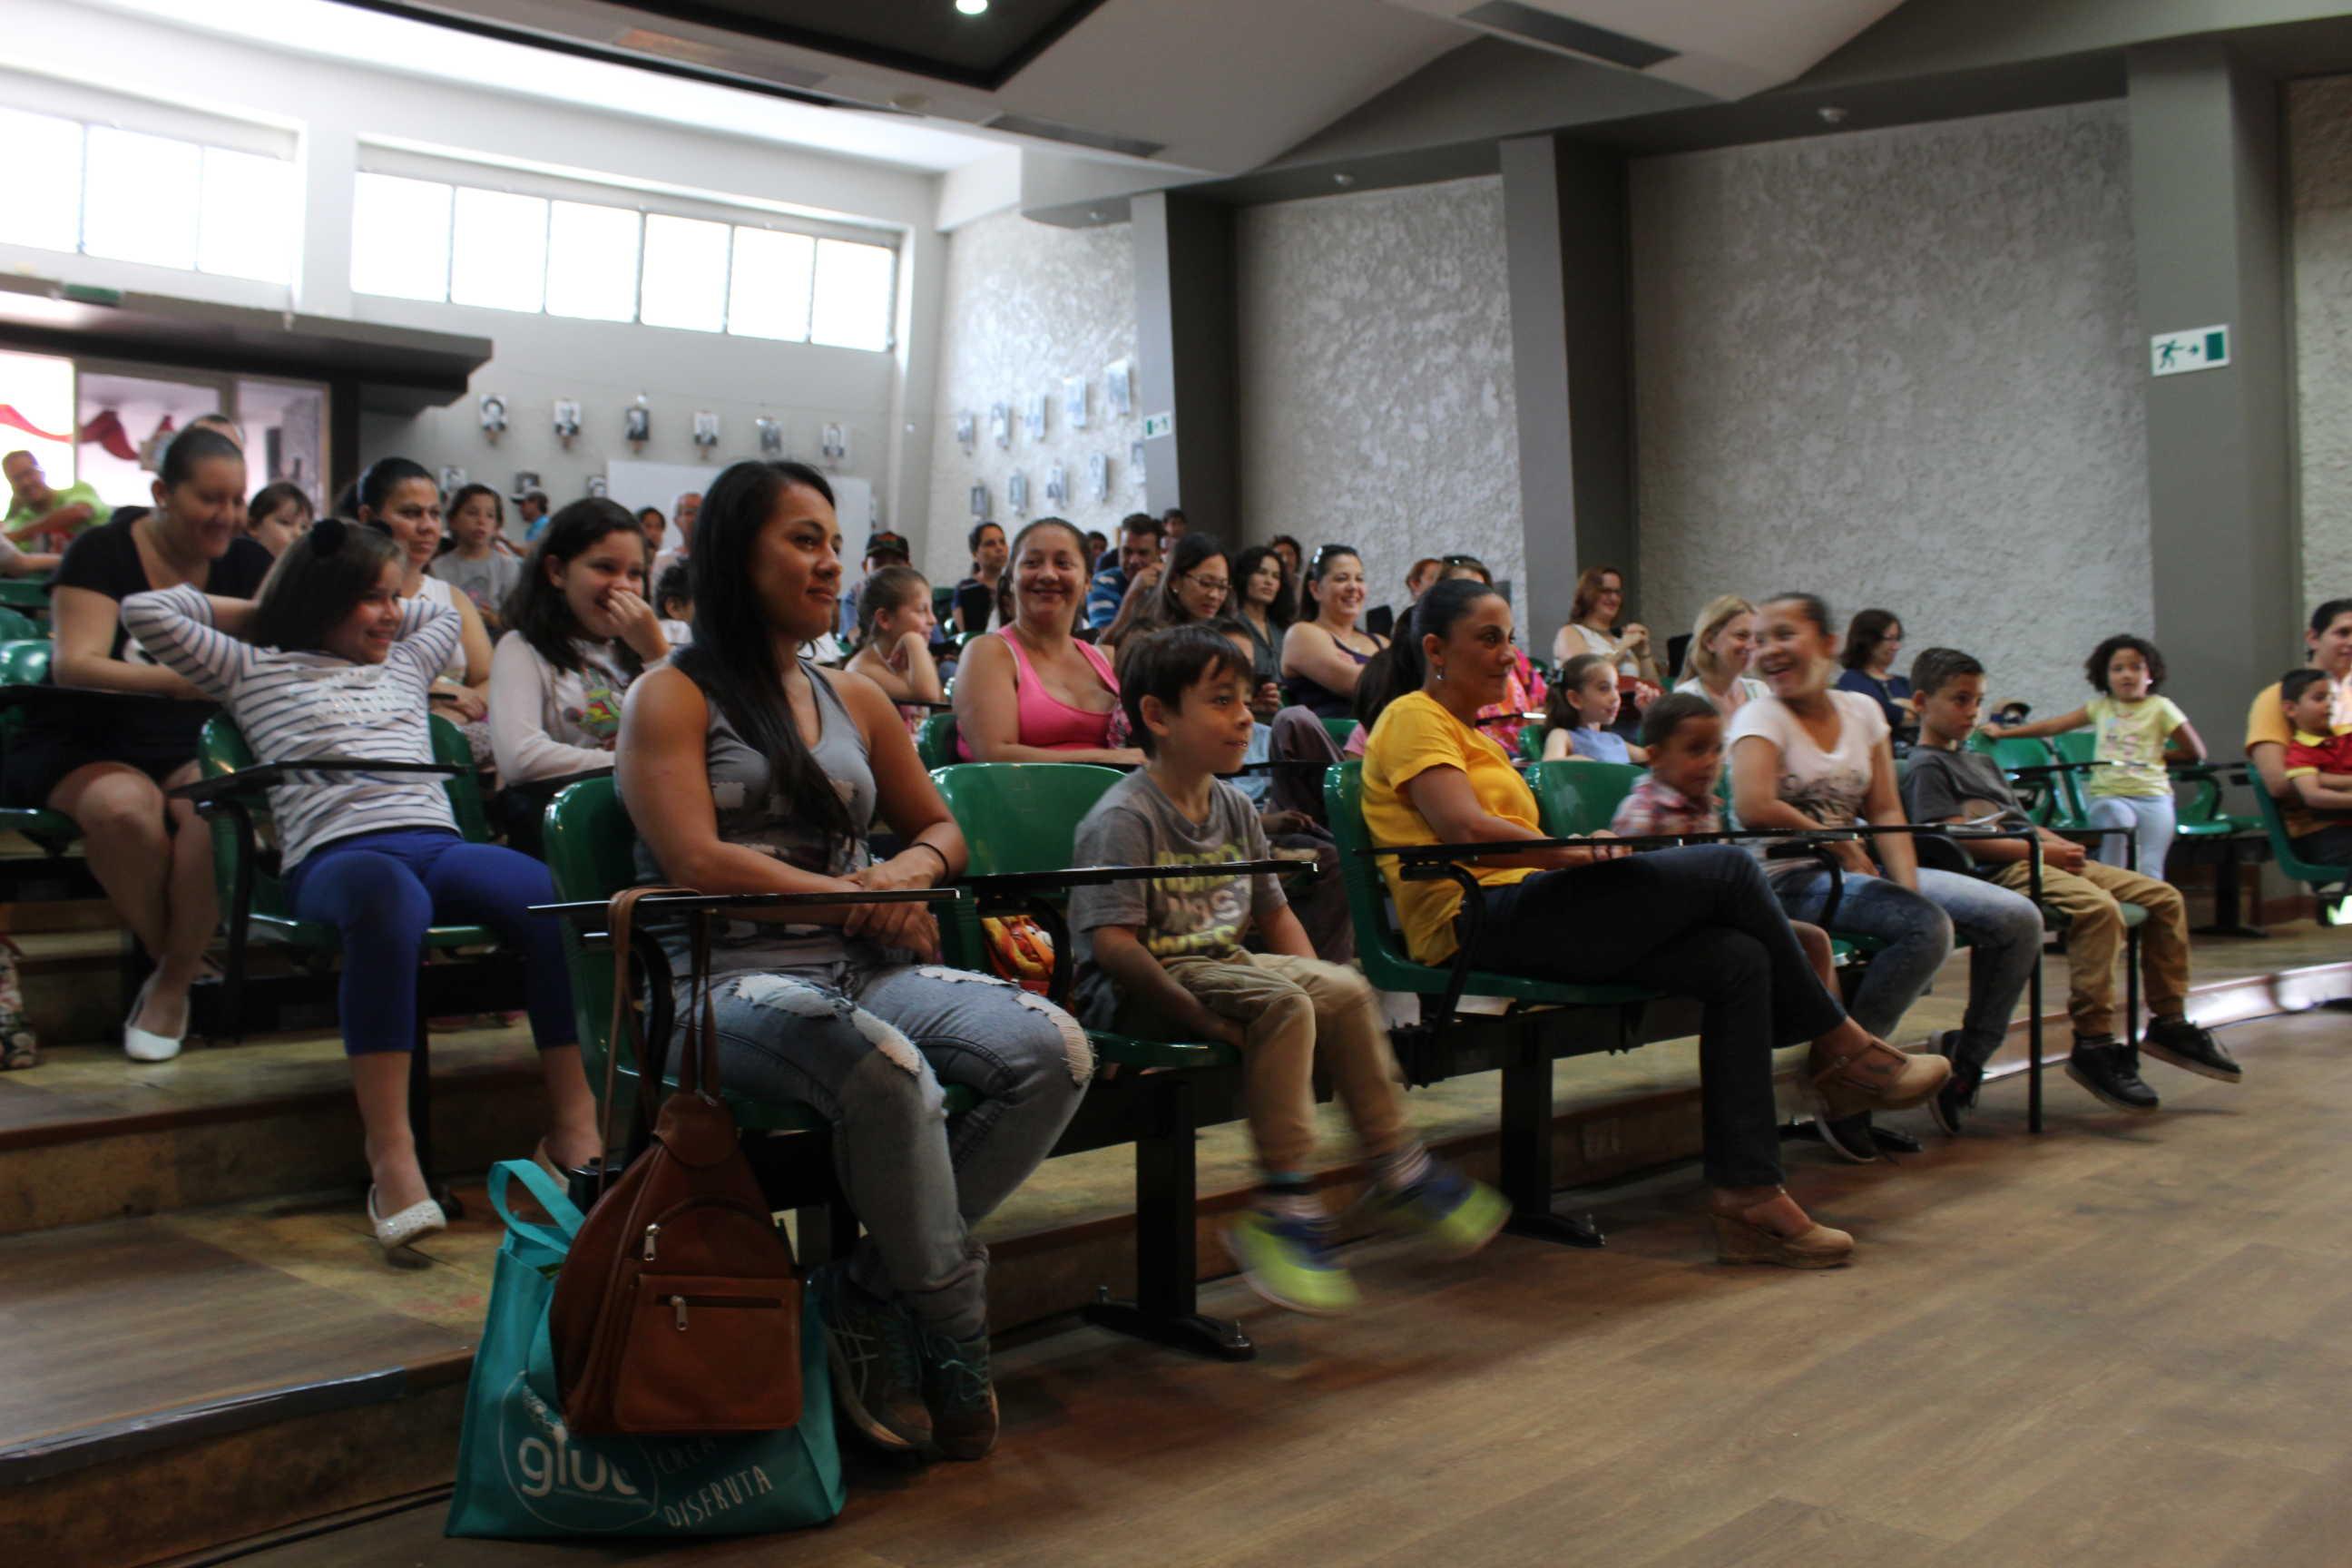 El auditorio de la Facultad de Educación se mantuvo lleno en todas las funciones de títeres que sucedieron a lo largo de este festival.